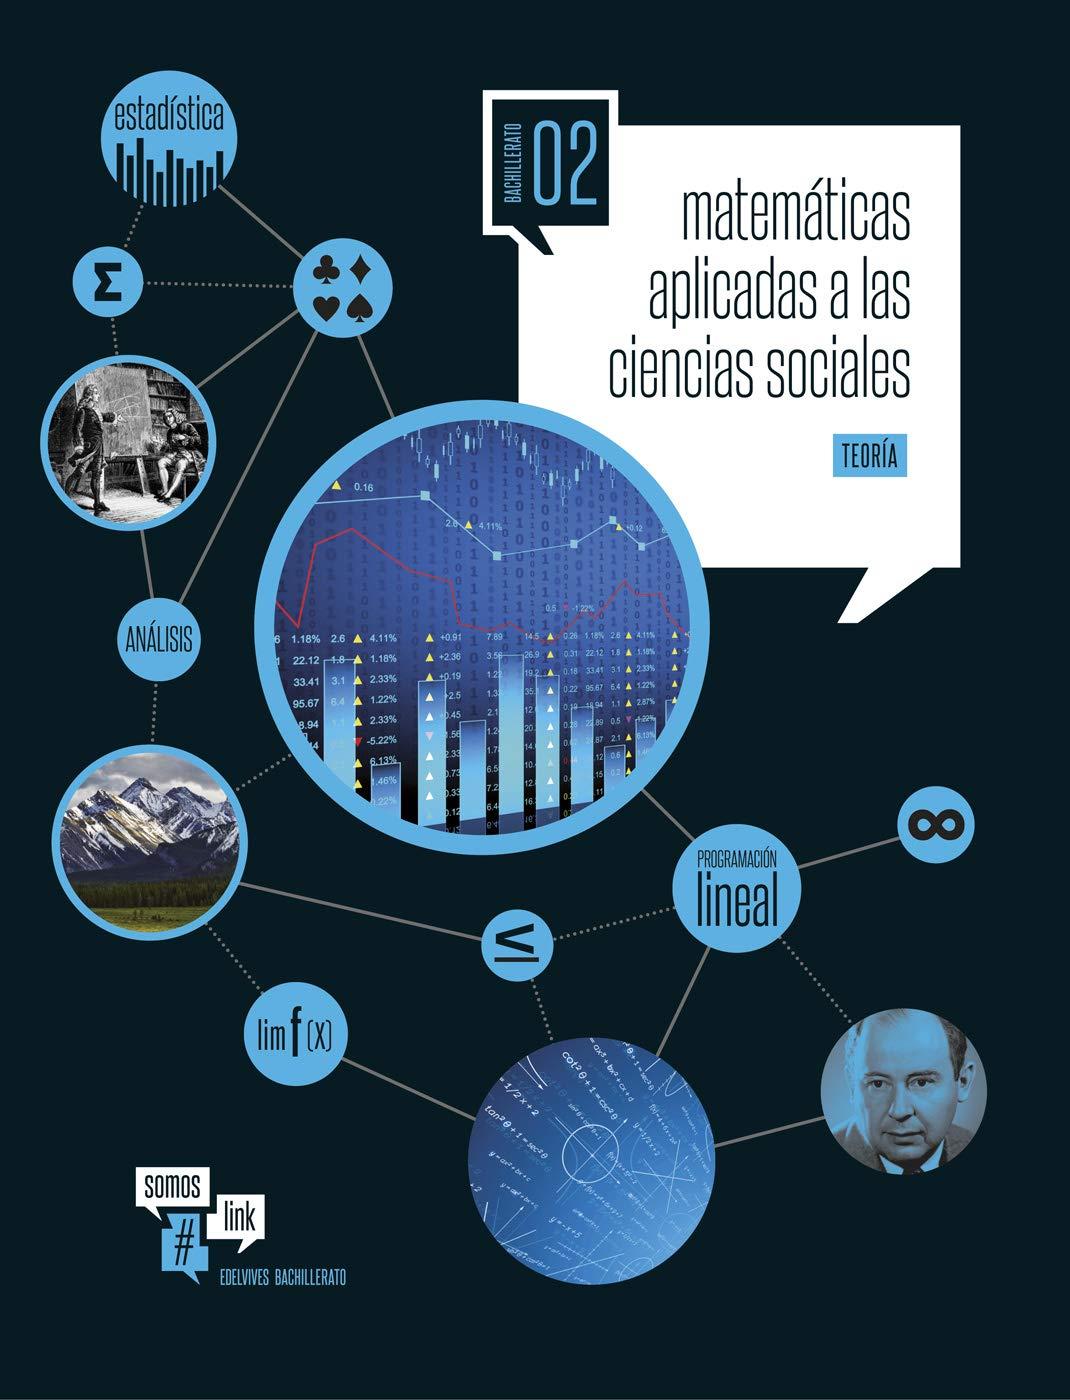 Matemáticas asociadas a las Ciencias Sociales- Teoría y Practica- 2º Bach. Somoslink - 9788414003343: Amazon.es: Rey Navarro, José Antonio, Cardona García, Susana: Libros